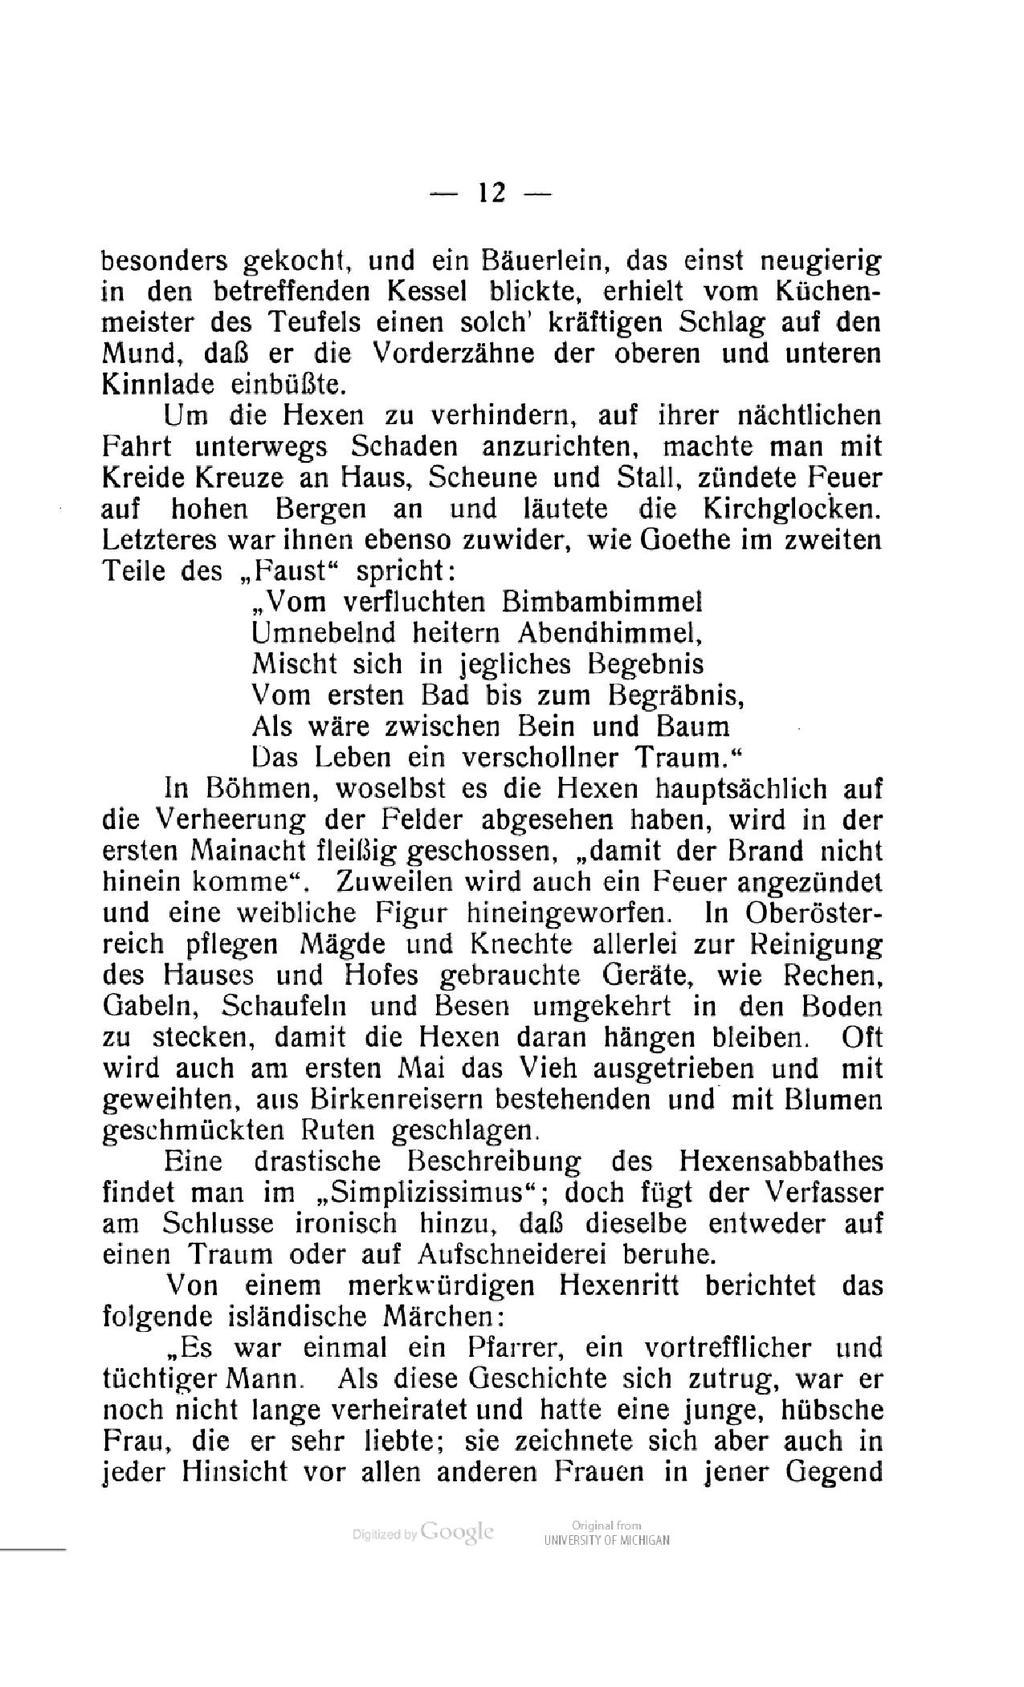 Niedlich Kesselteile Und Funktion Pdf Fotos - Der Schaltplan ...